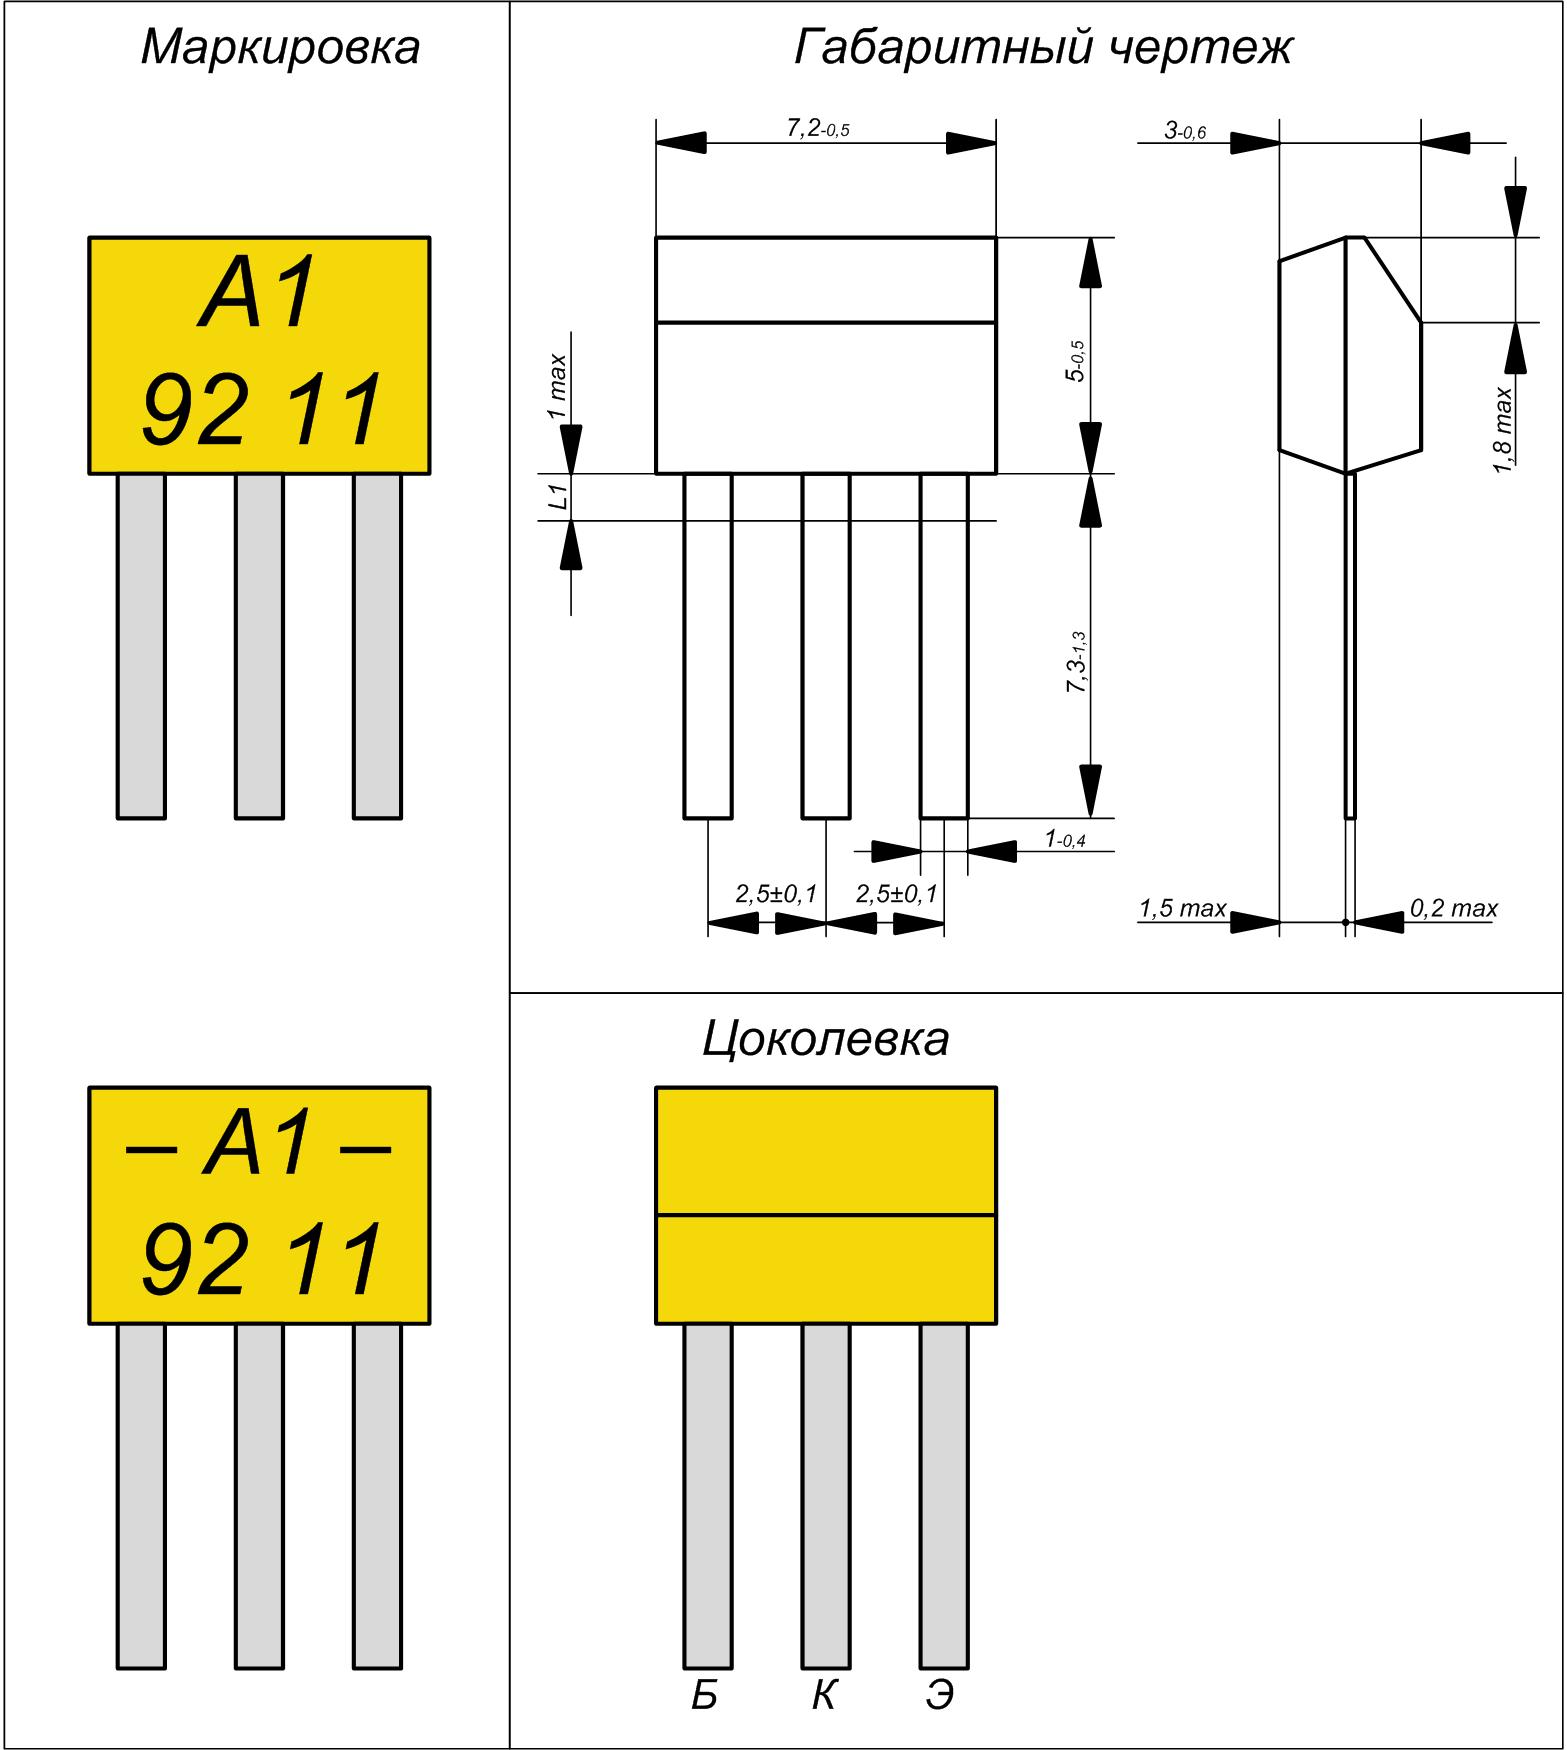 Маркировка, цоколёвка и габаритные размеры транзистора КТ361 и КТ361-1